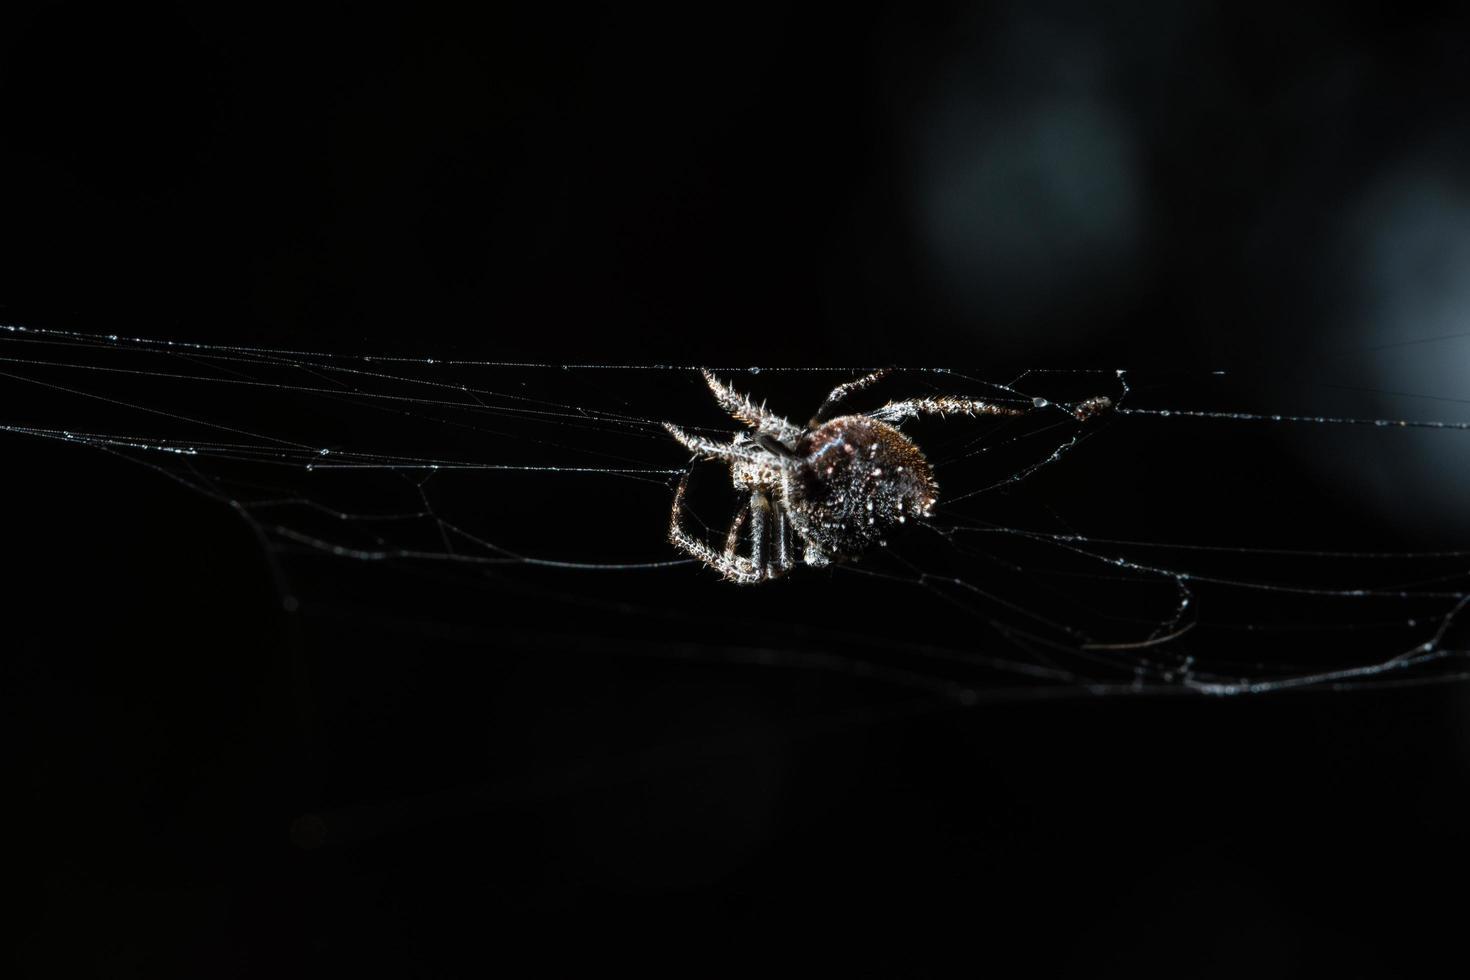 araignée macro traverse la toile d'araignée photo